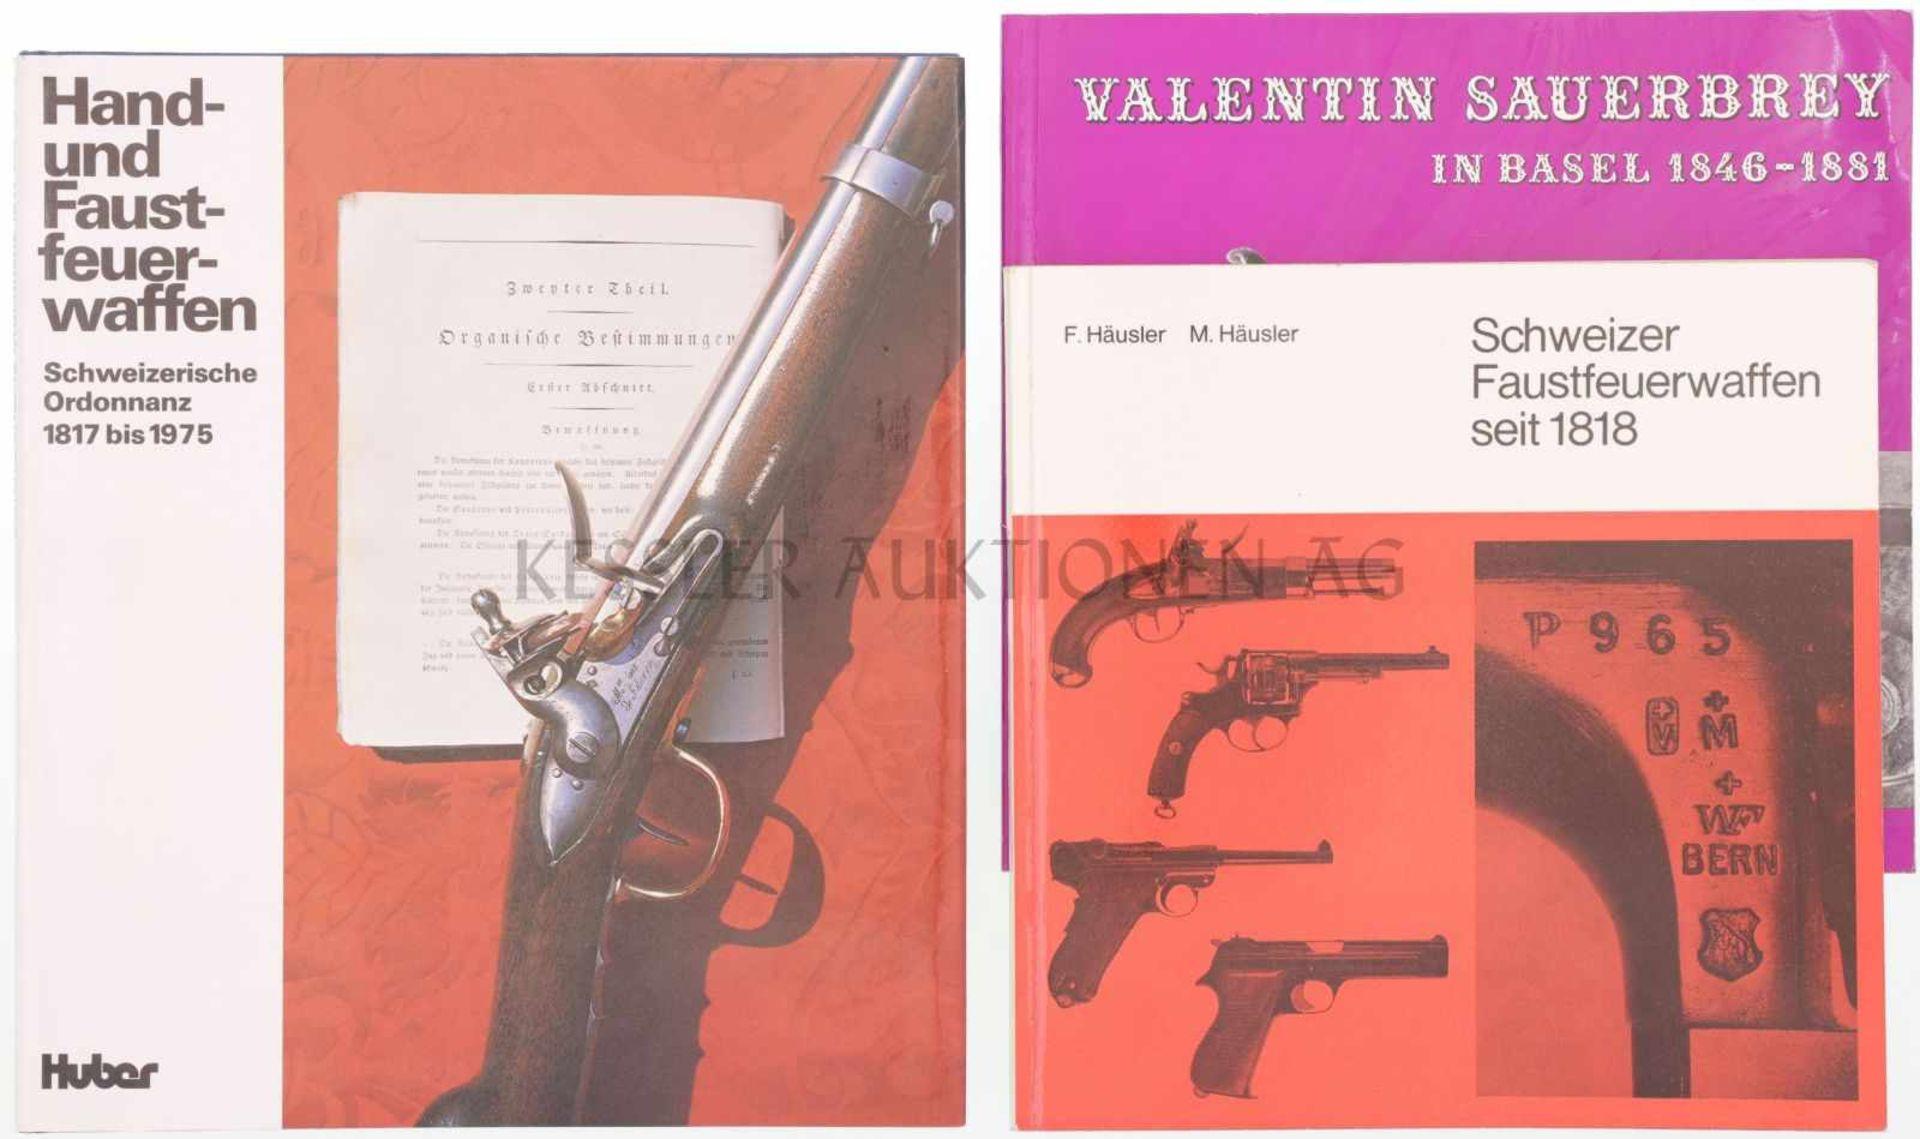 Konvolut von 3 Büchern 1. Valentin Sauerbrey in Basel, 1846-1881, Autoren P. Kopp und Christian